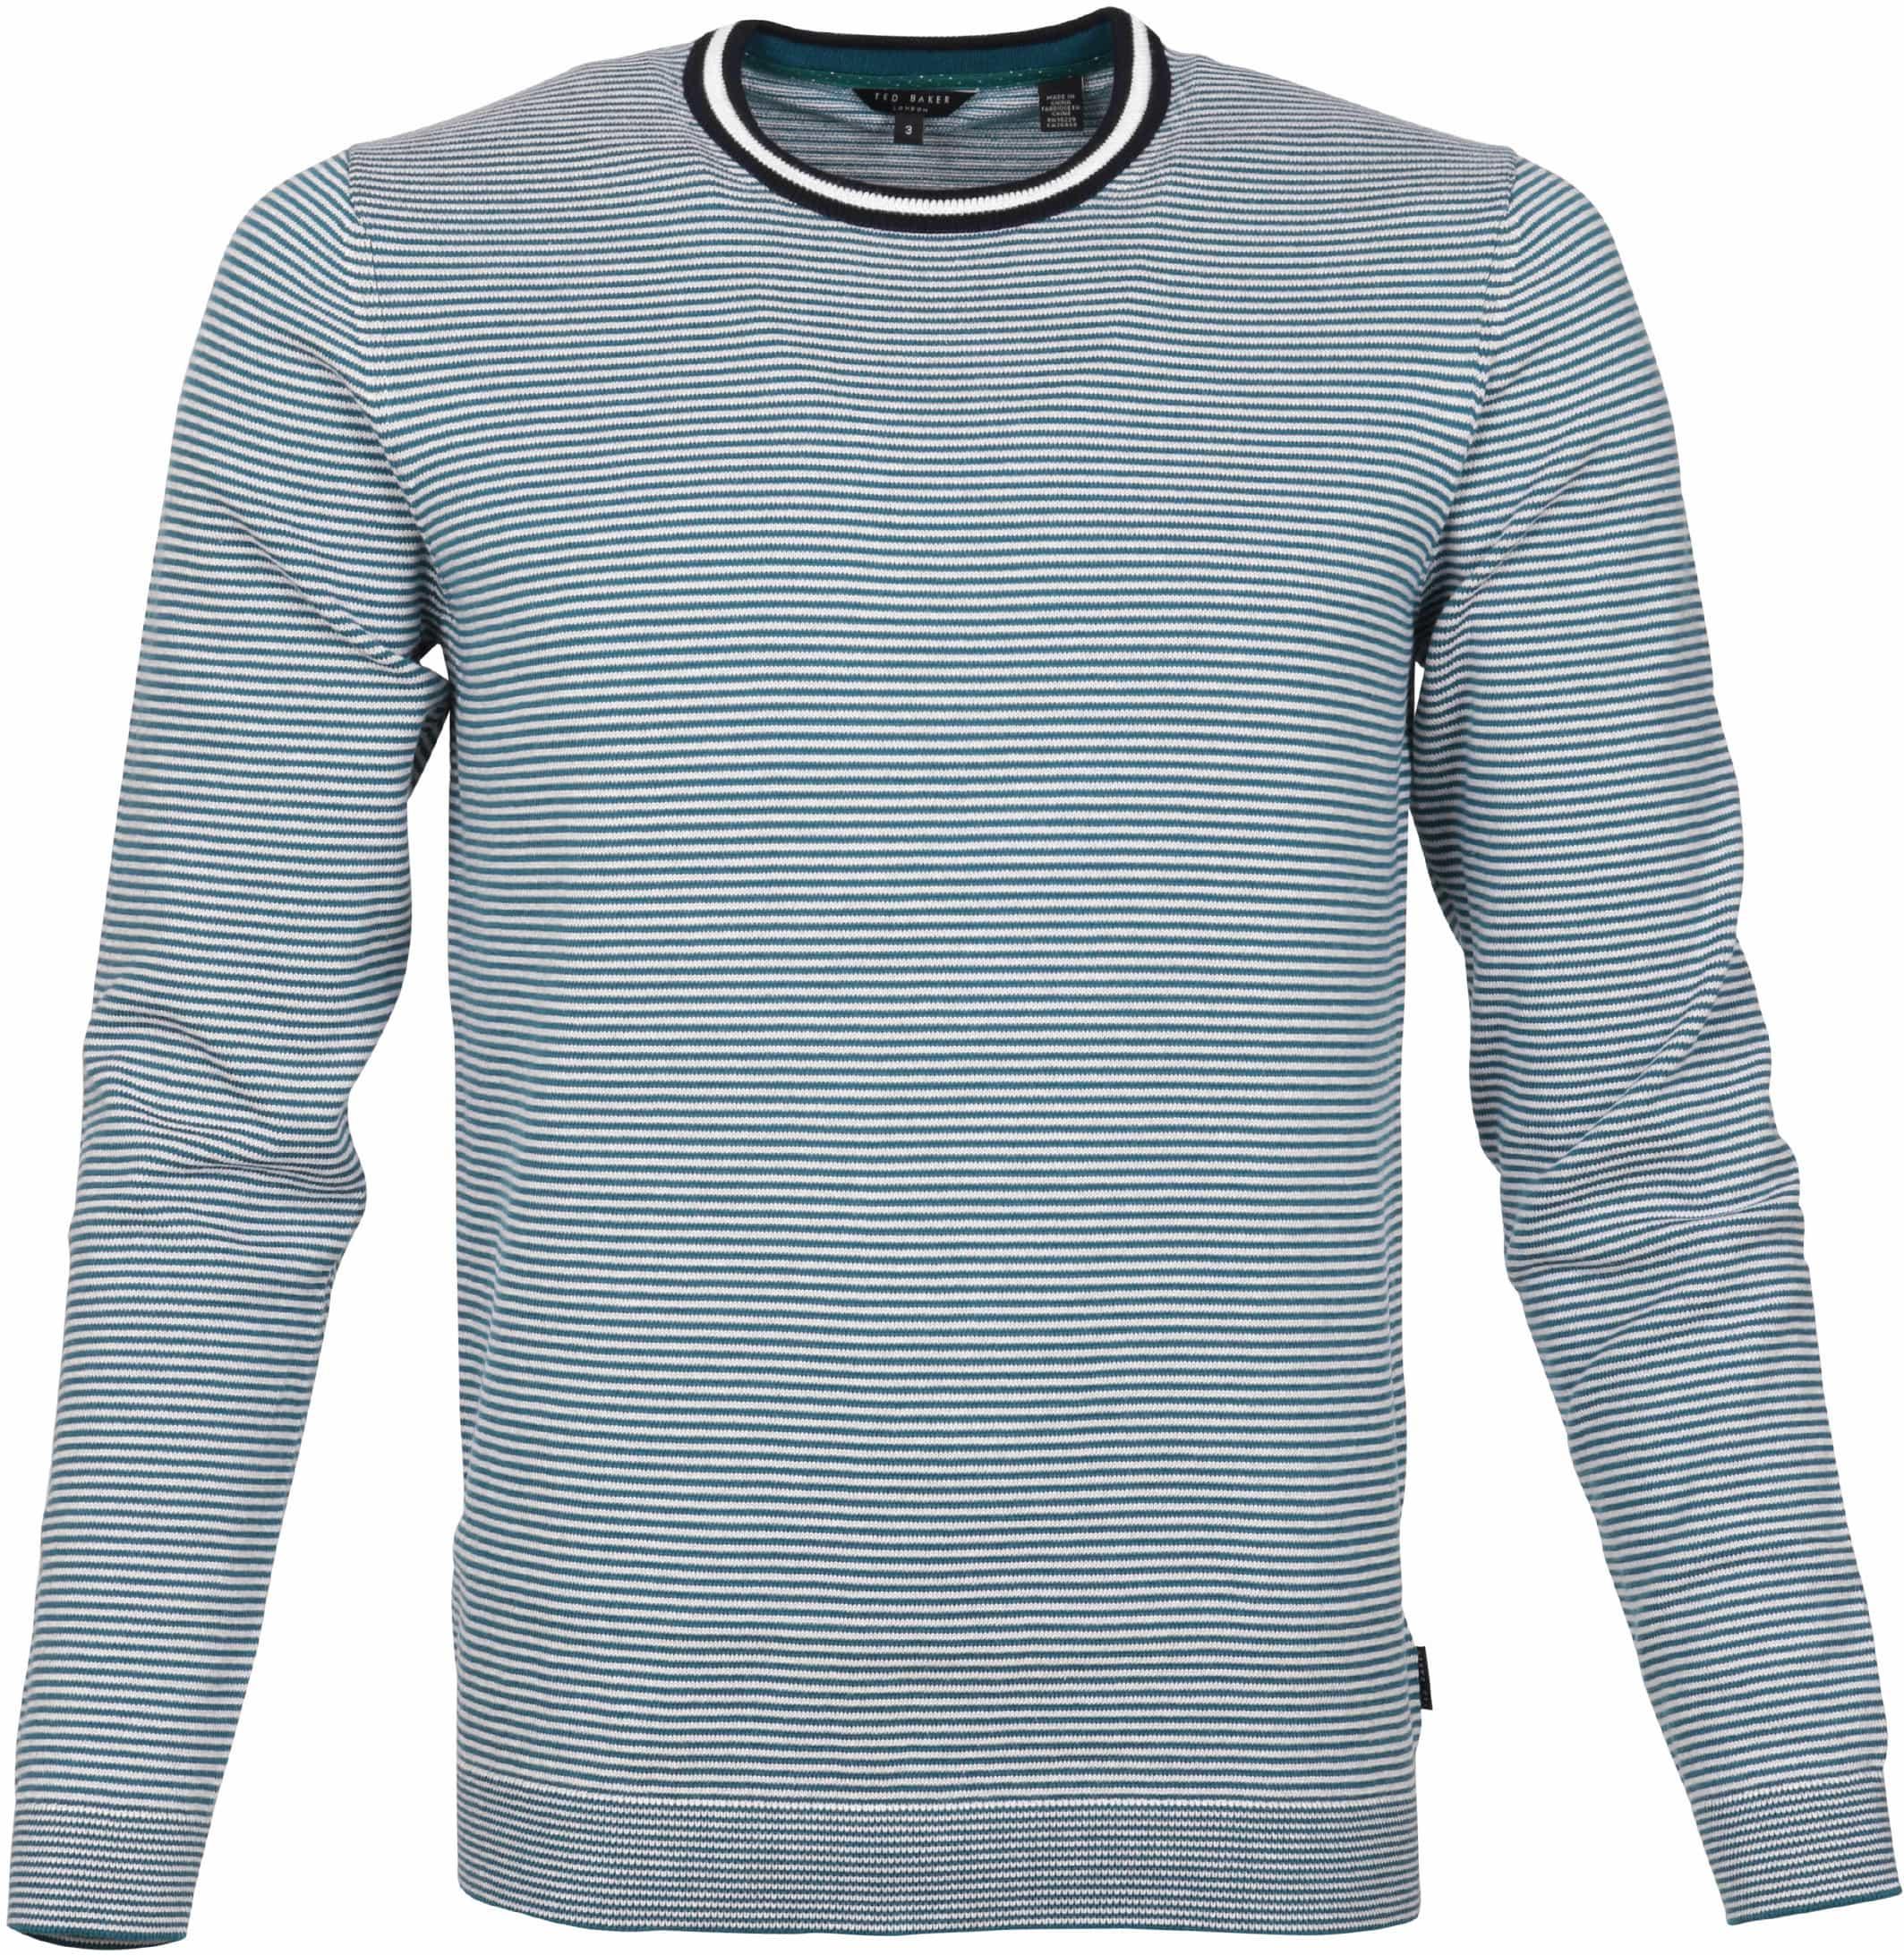 ef907708dca88 Ted Baker Pullover Indigo Stripes 142679-13 order online